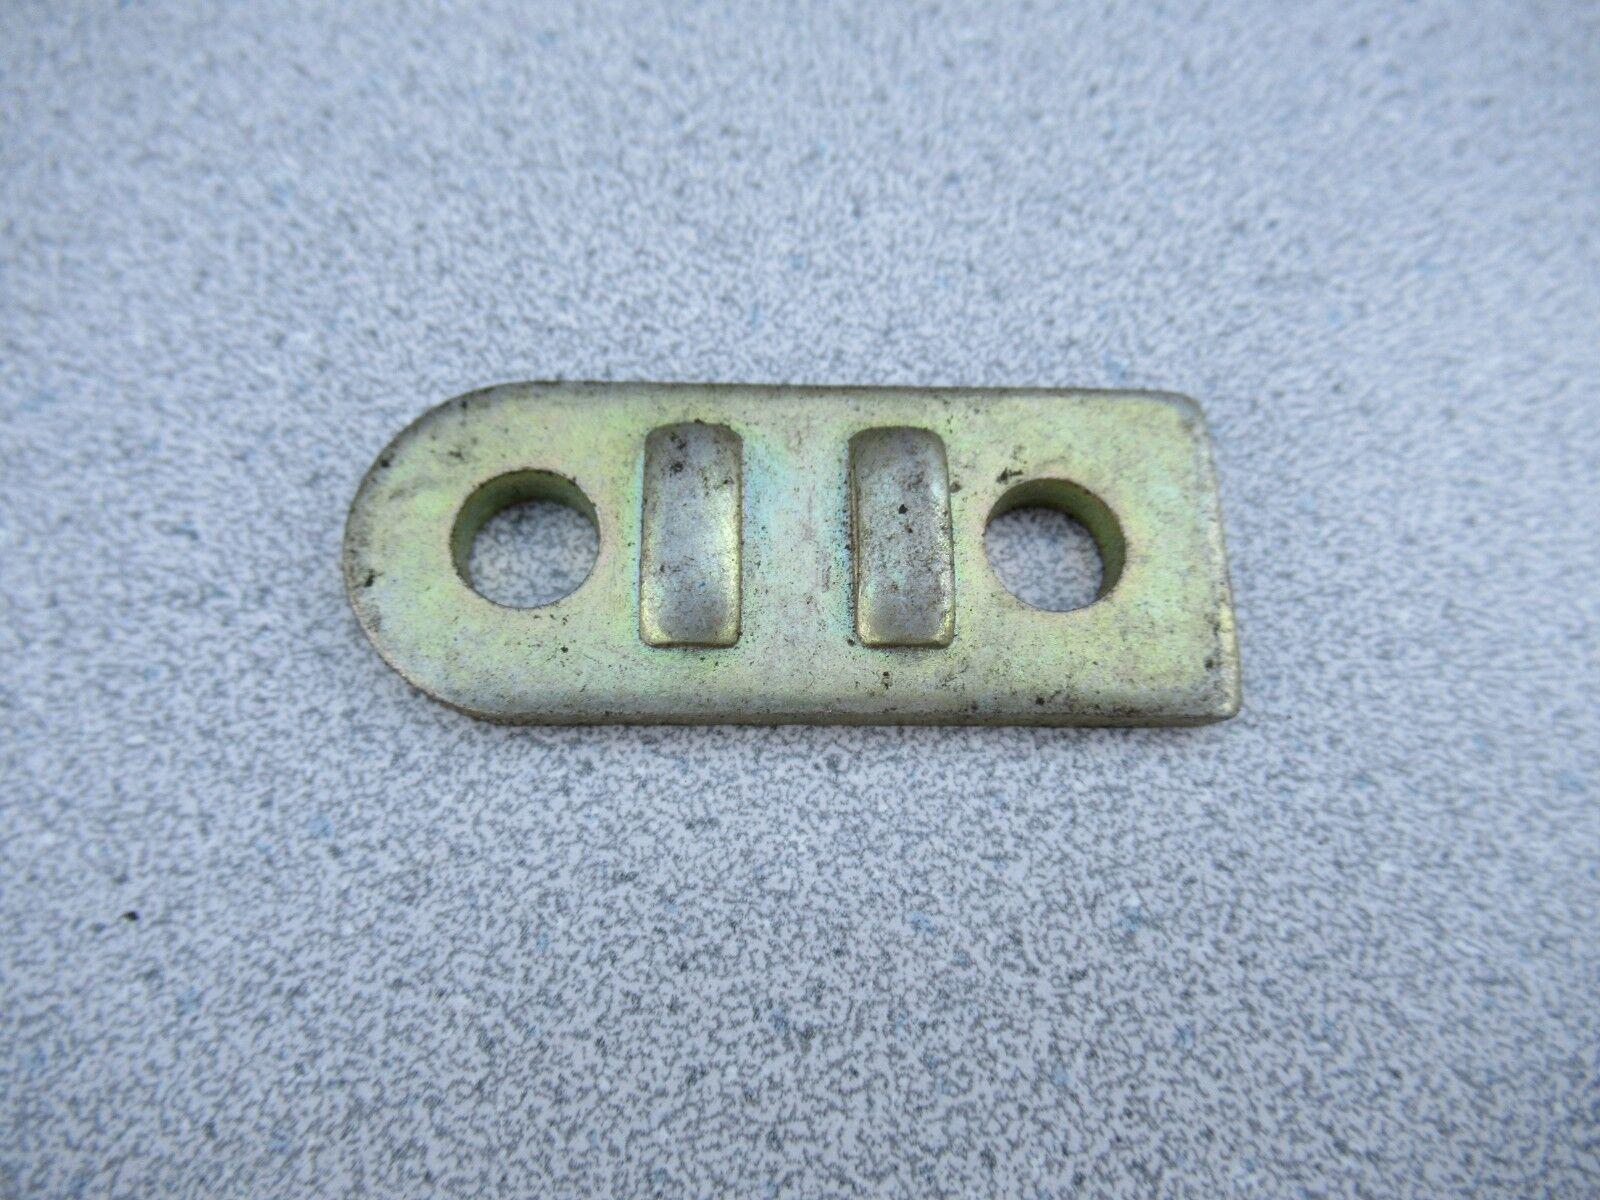 Porsche 911/912 Front Stabilizer Guide plate  C#107  part# 901 343 763 00